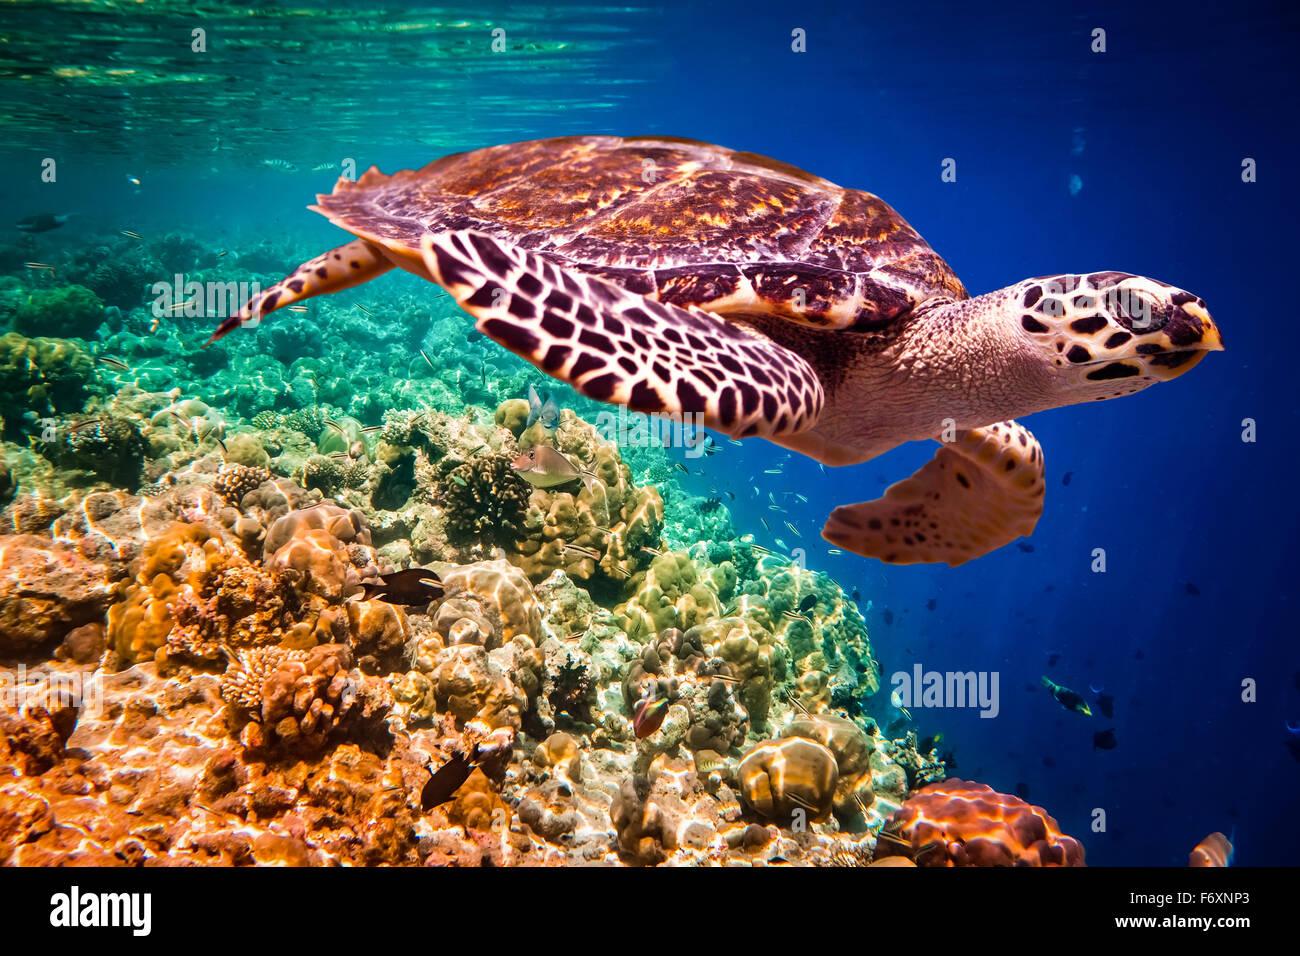 - La tortue imbriquée Eretmochelys imbricata flotte sous l'eau. Les récifs coralliens de l'océan Photo Stock